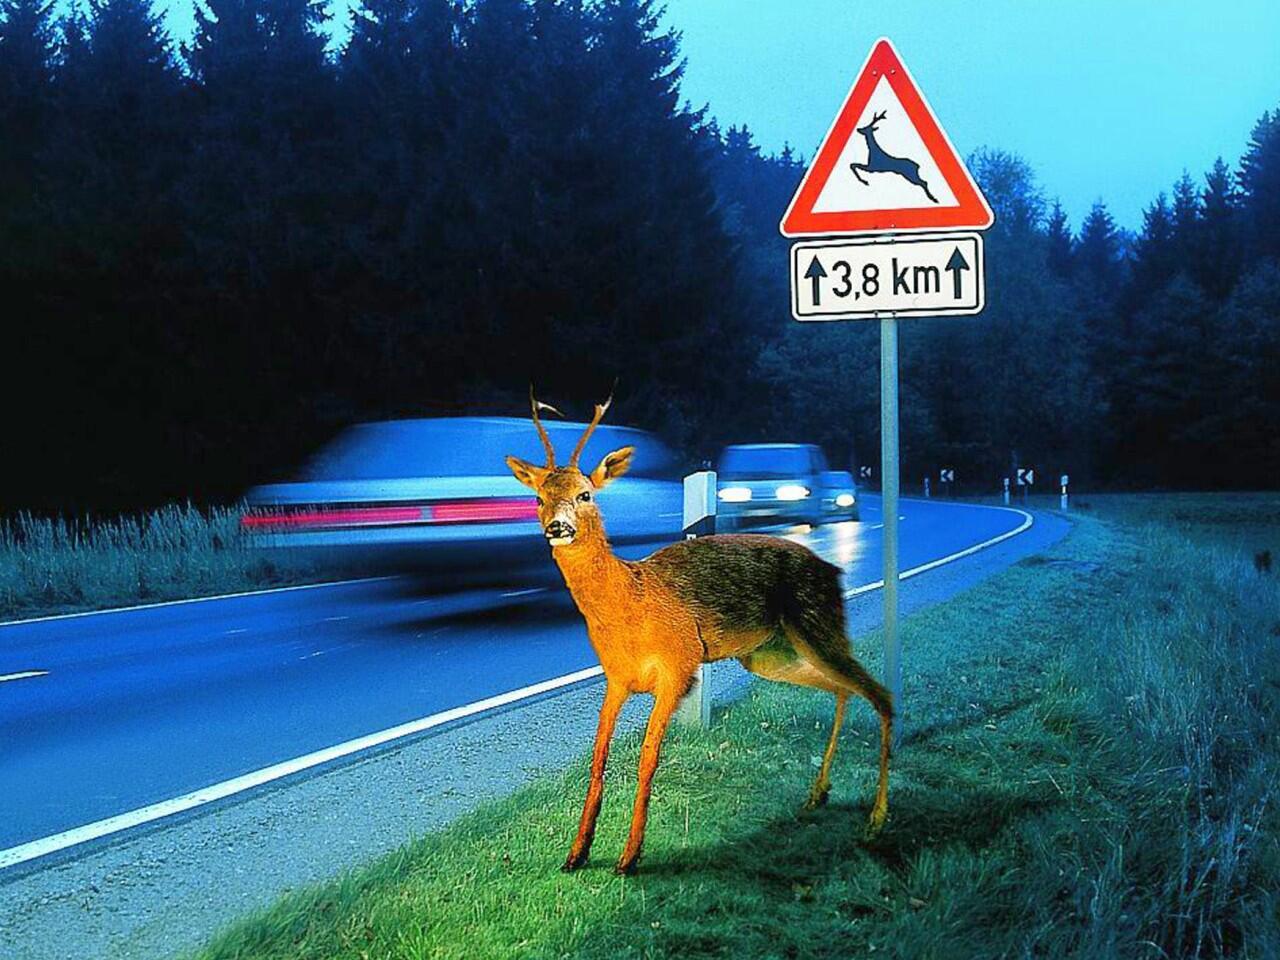 Bild zu Wildunfall: Nach der jährlichen Zeitumstellung im Herbst steigt das Risiko